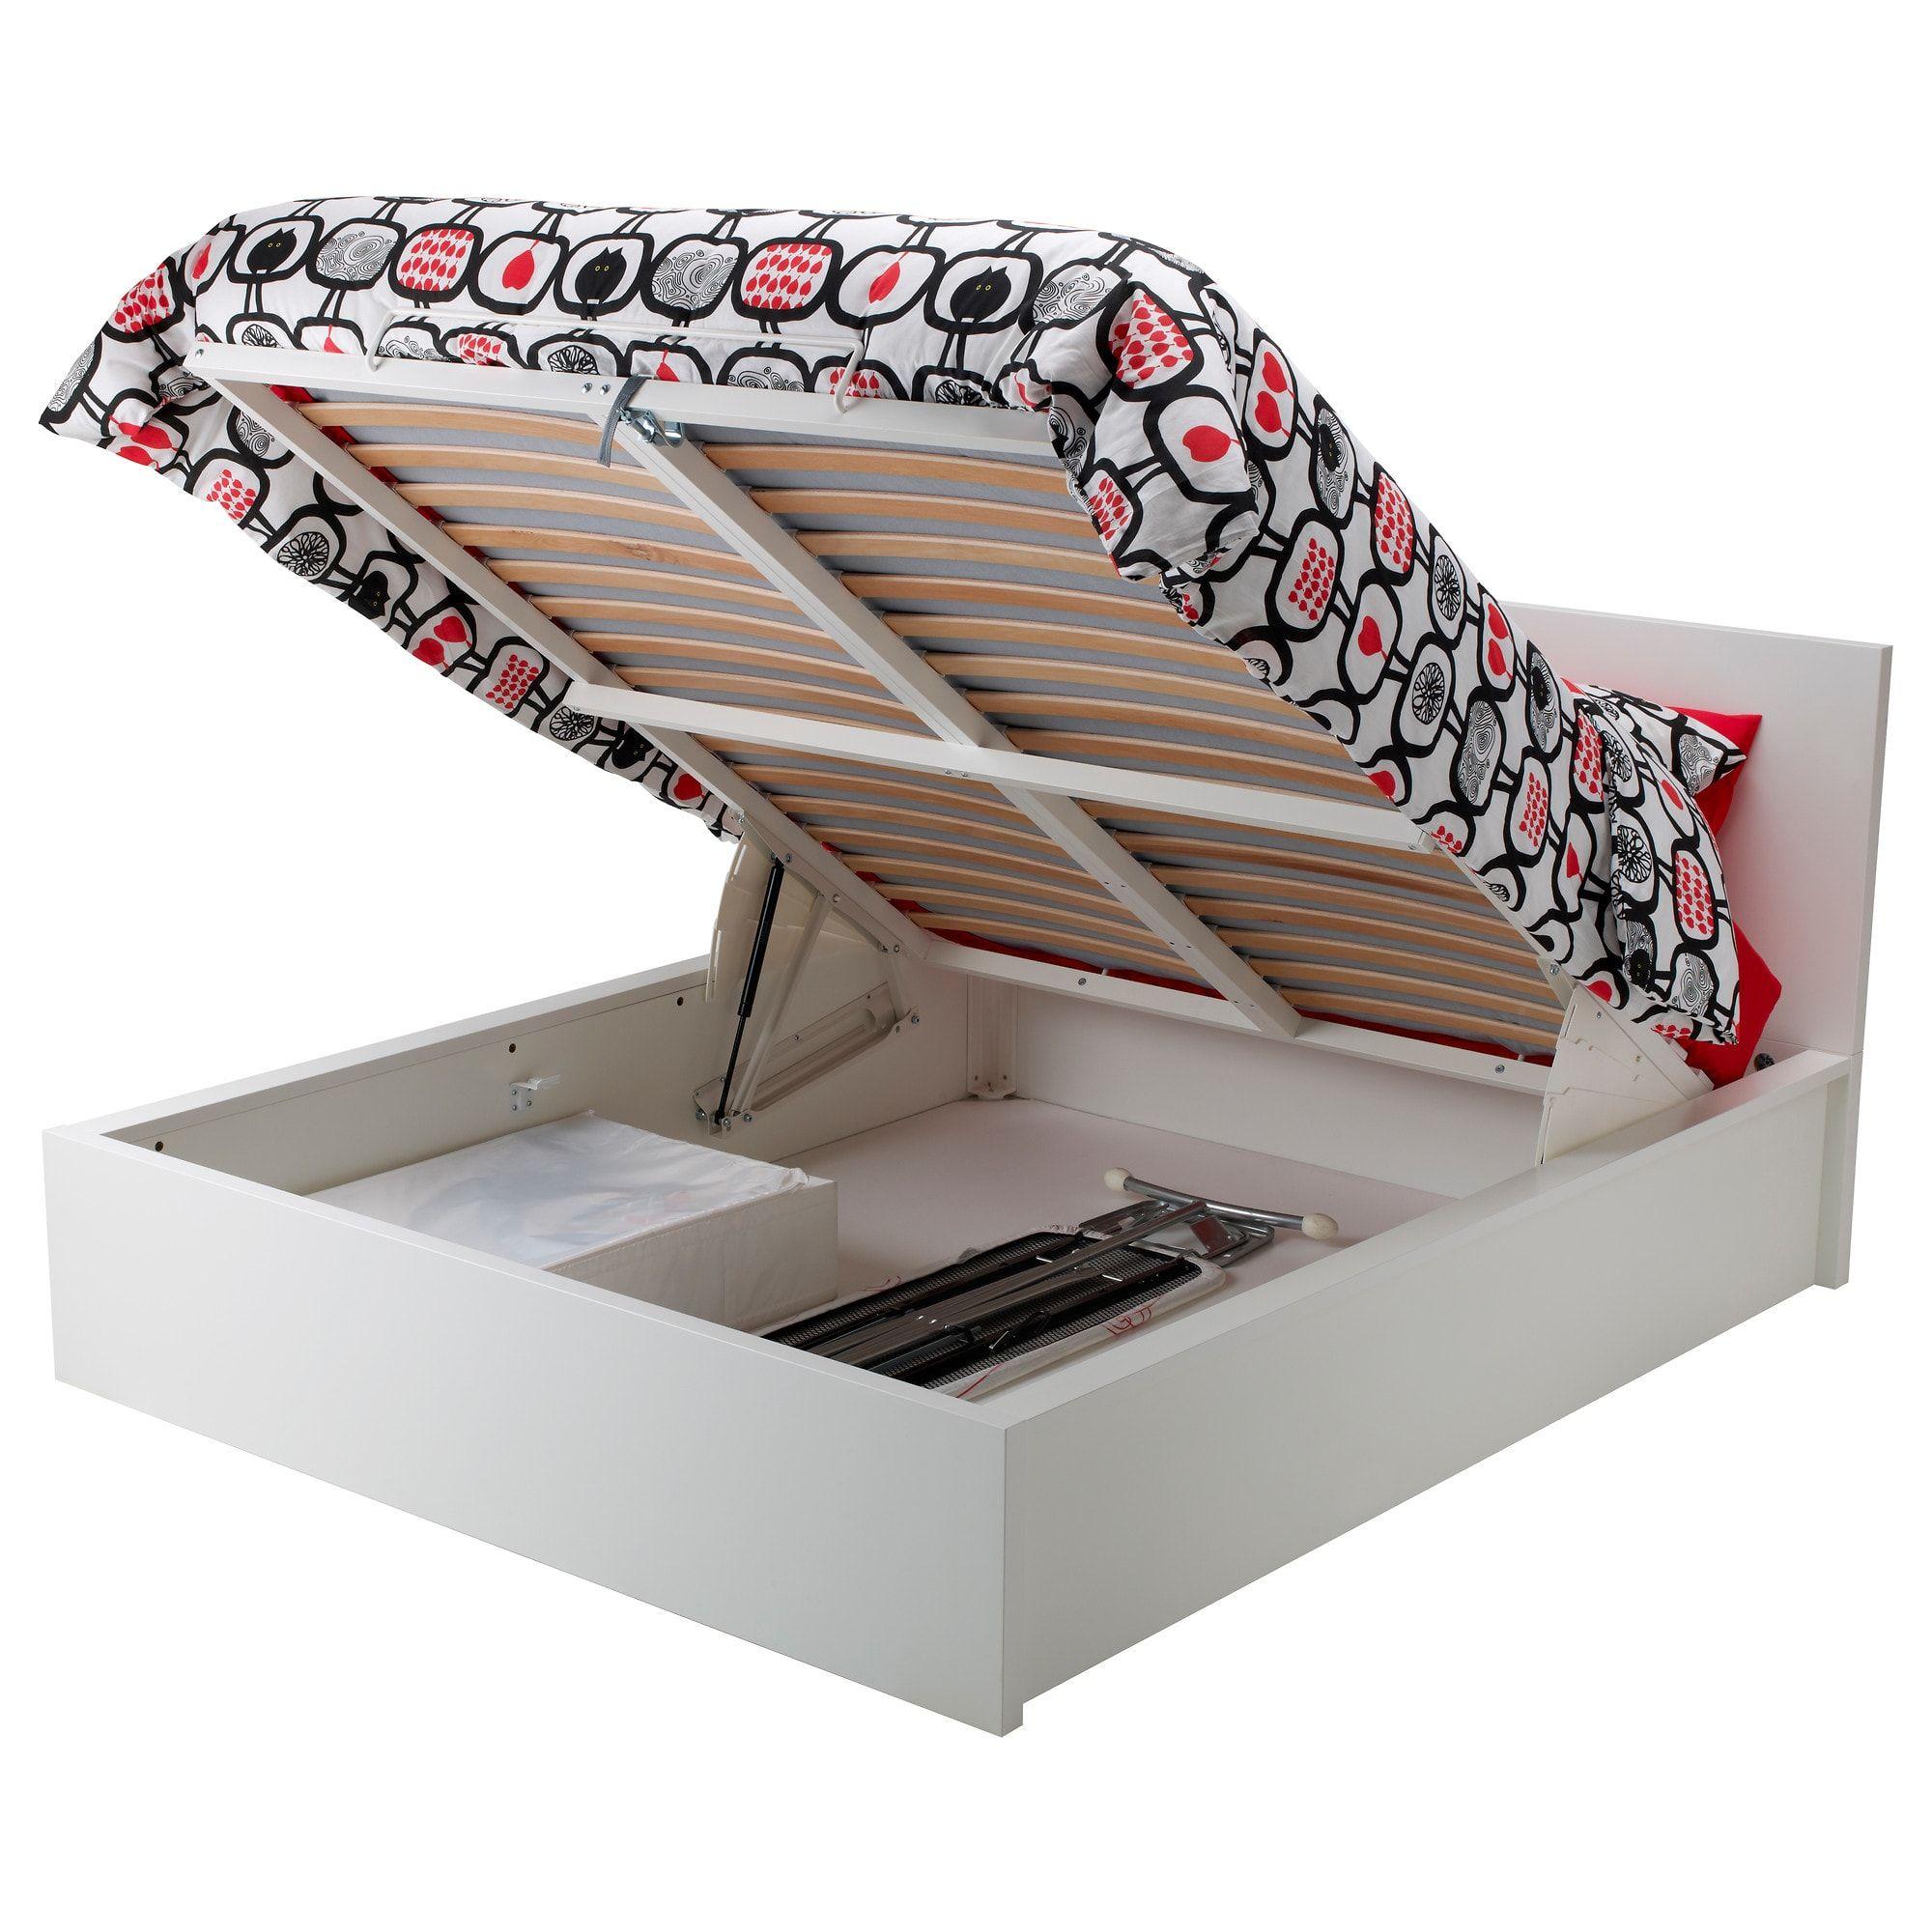 ikea malm seng MALM Seng med oppbevaring   hvit, 160x200 cm   IKEA | I K E A i  ikea malm seng